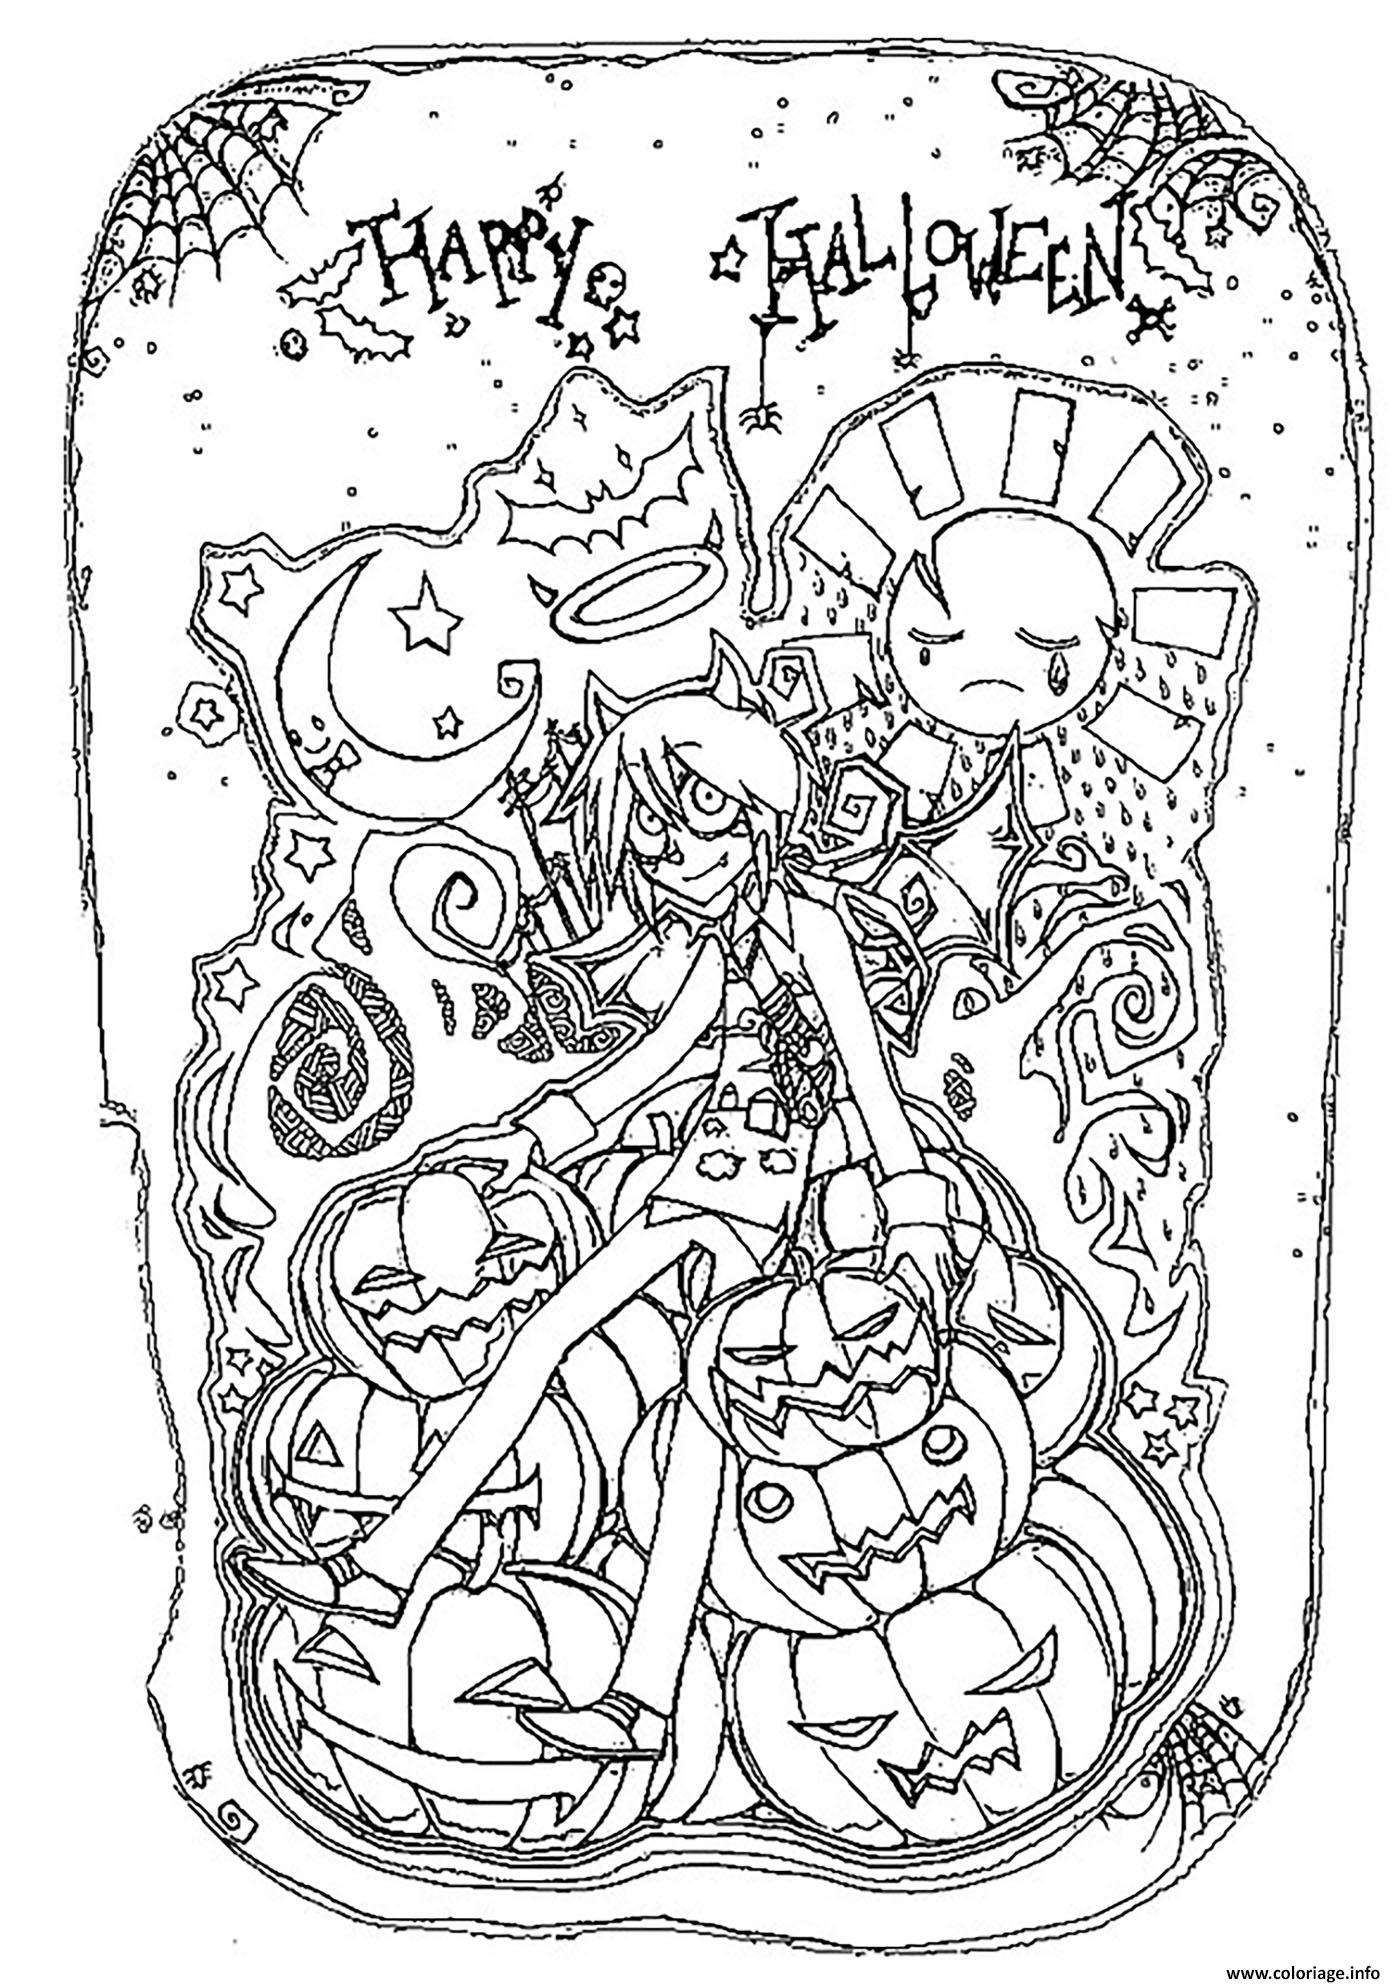 Dessin joyeuse halloween personnage et citrouilles Coloriage Gratuit à Imprimer